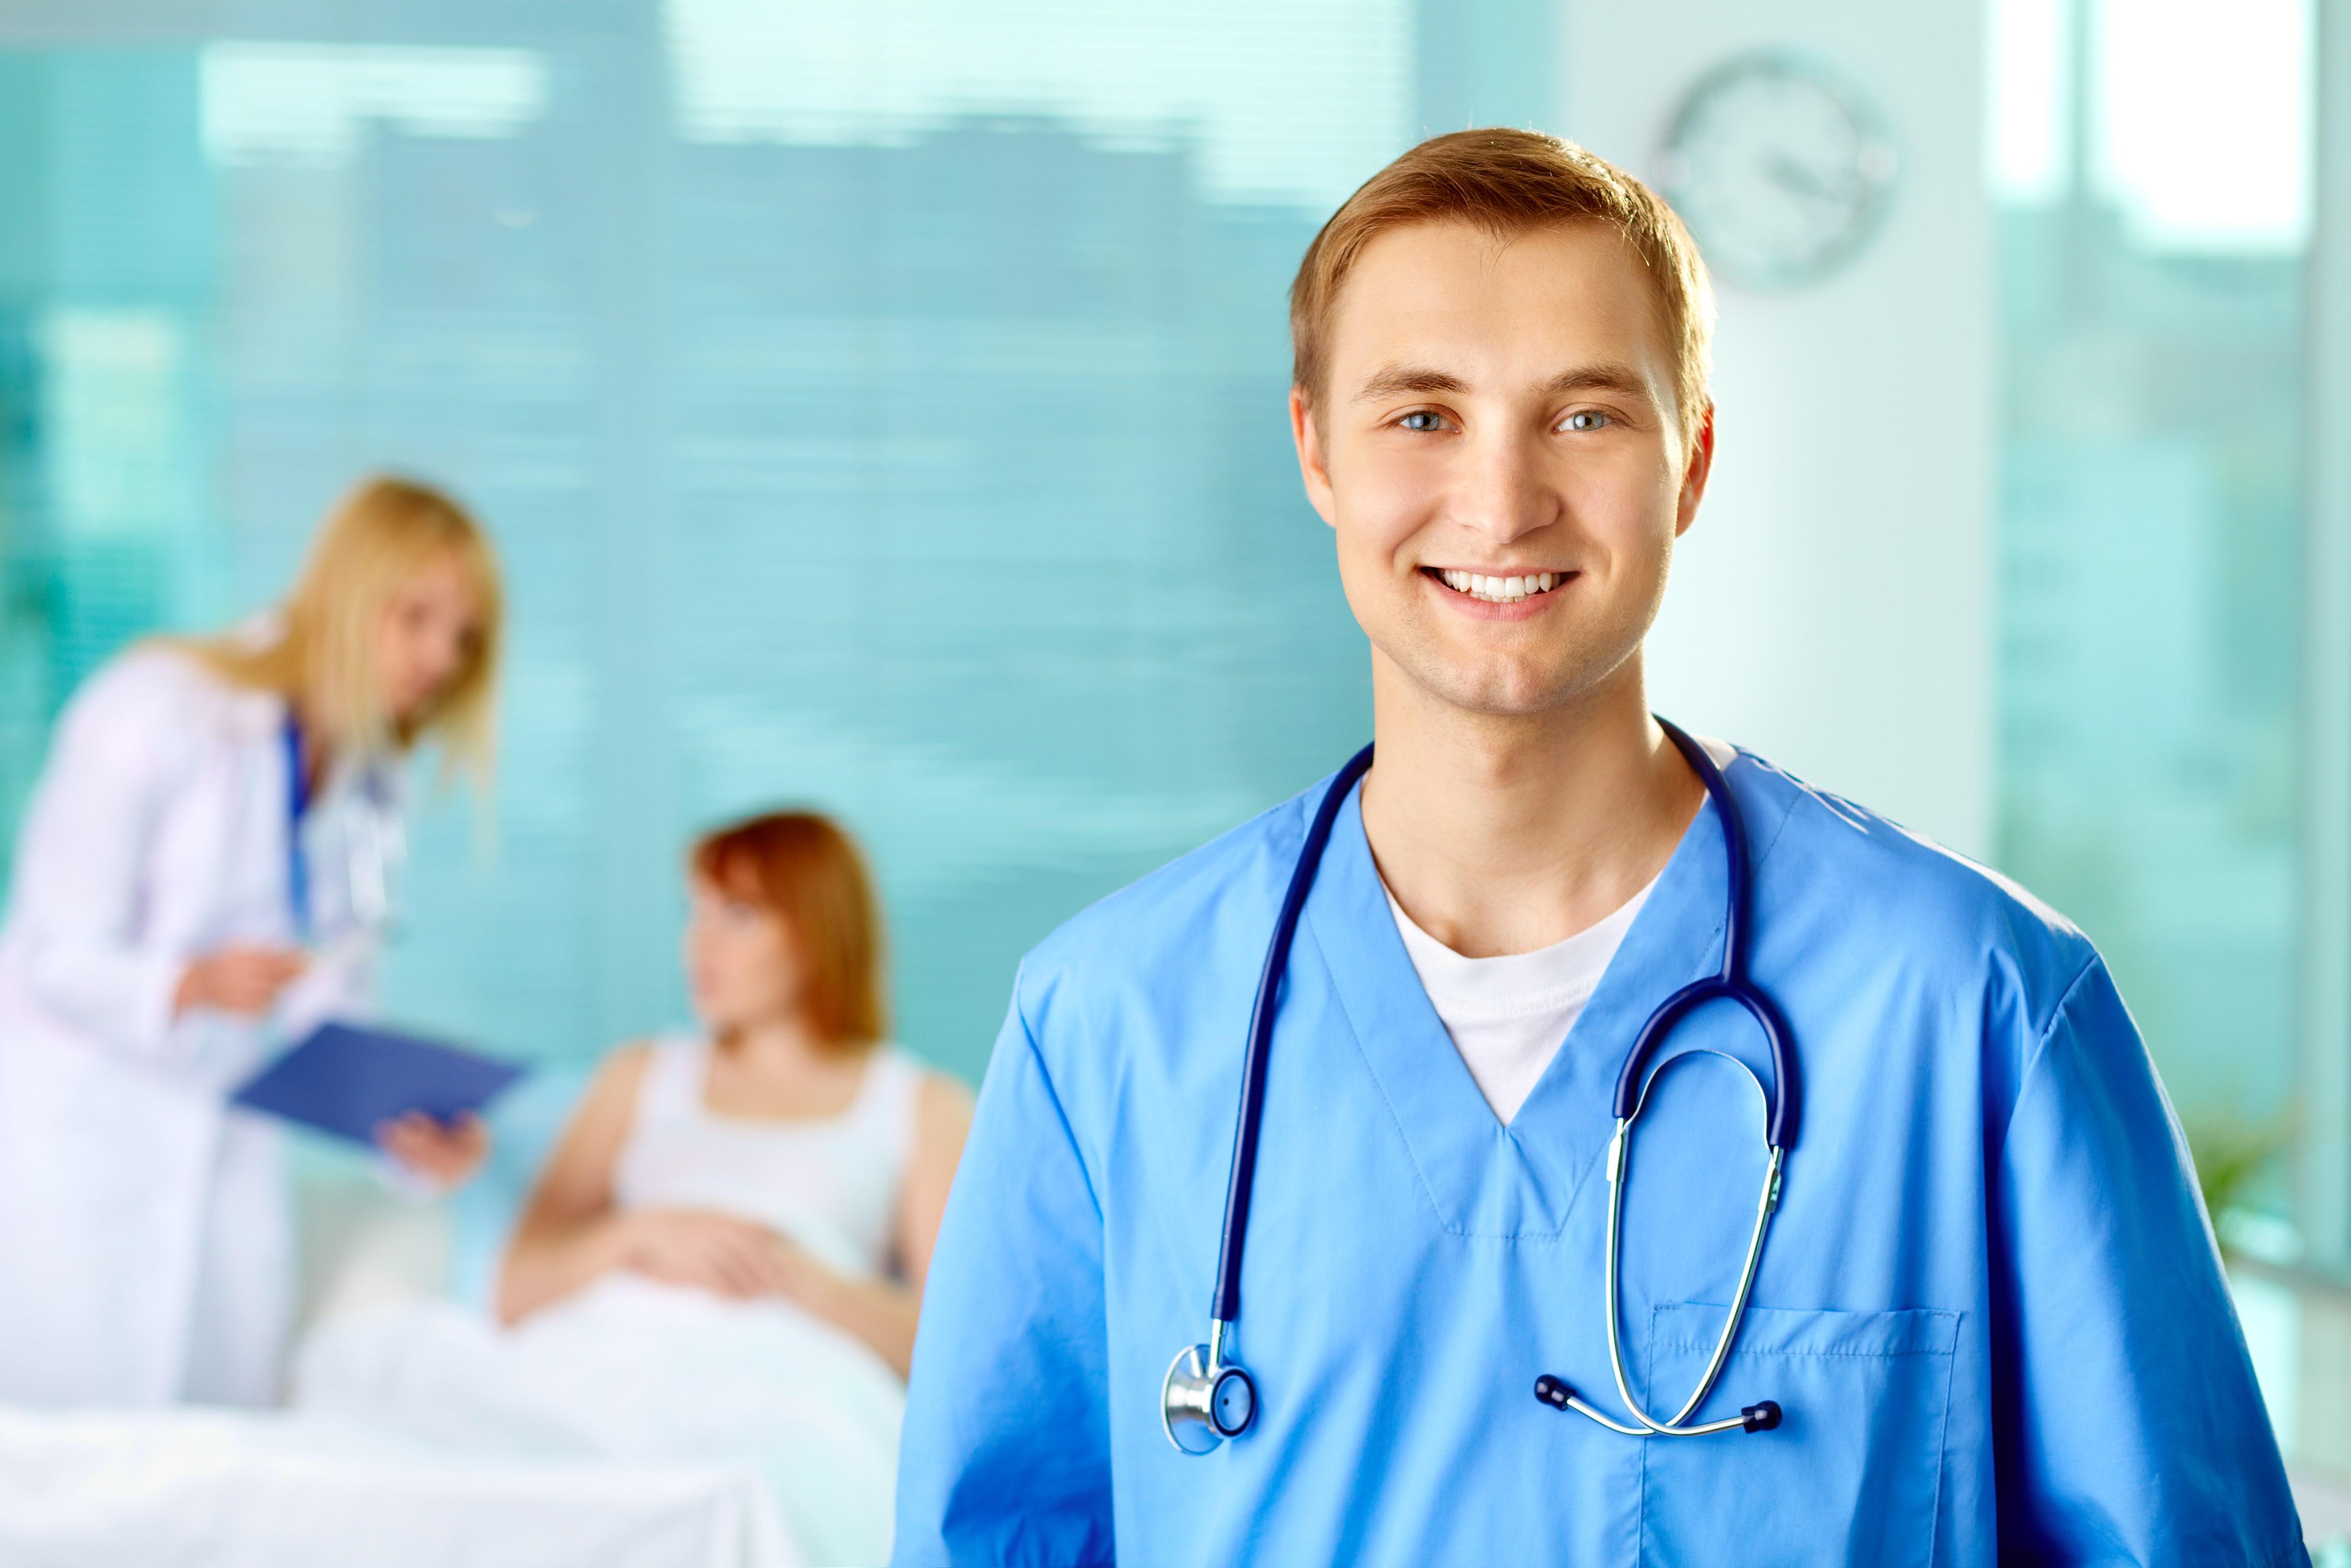 Na realização da endoscopia o paciente é deitado em uma maca, preferencialmente de lado para facilitar a realização do exame.